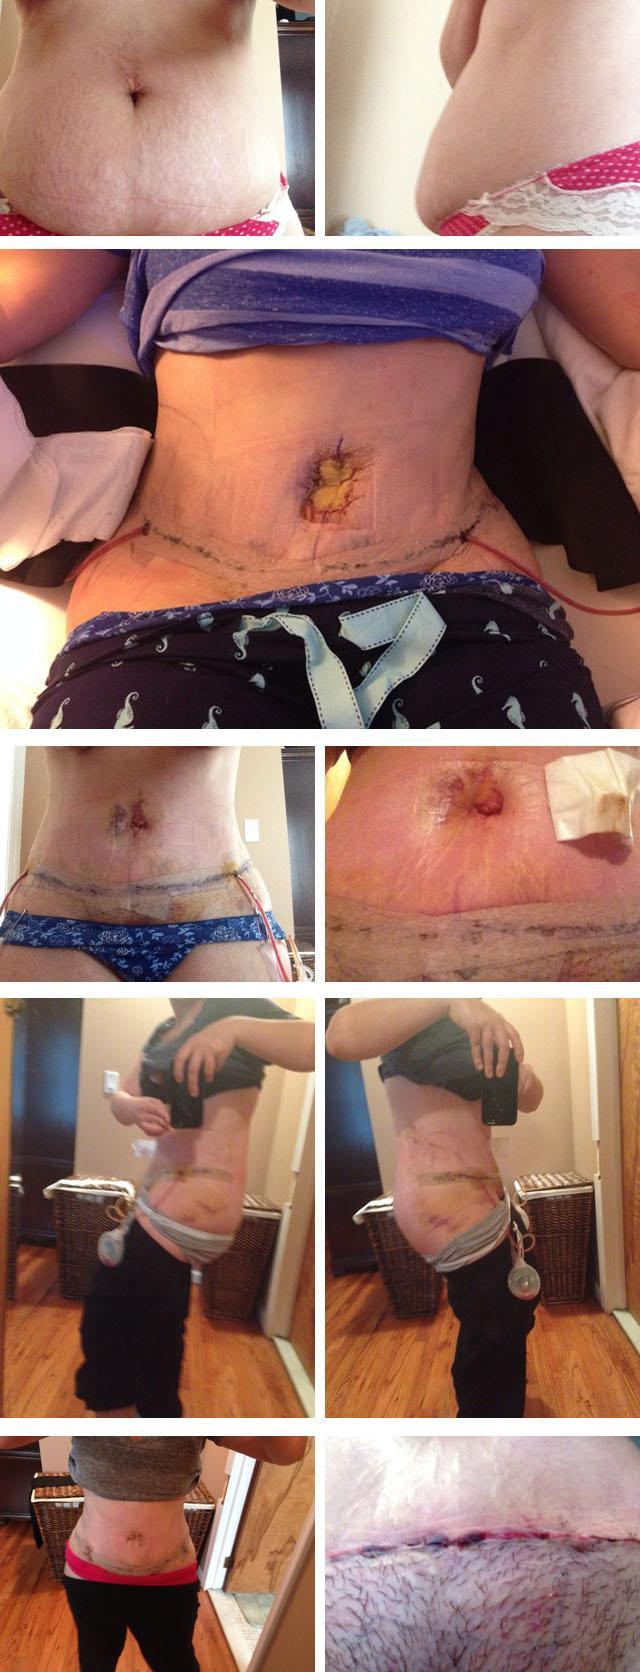 Реабилитация после абдоминопластики